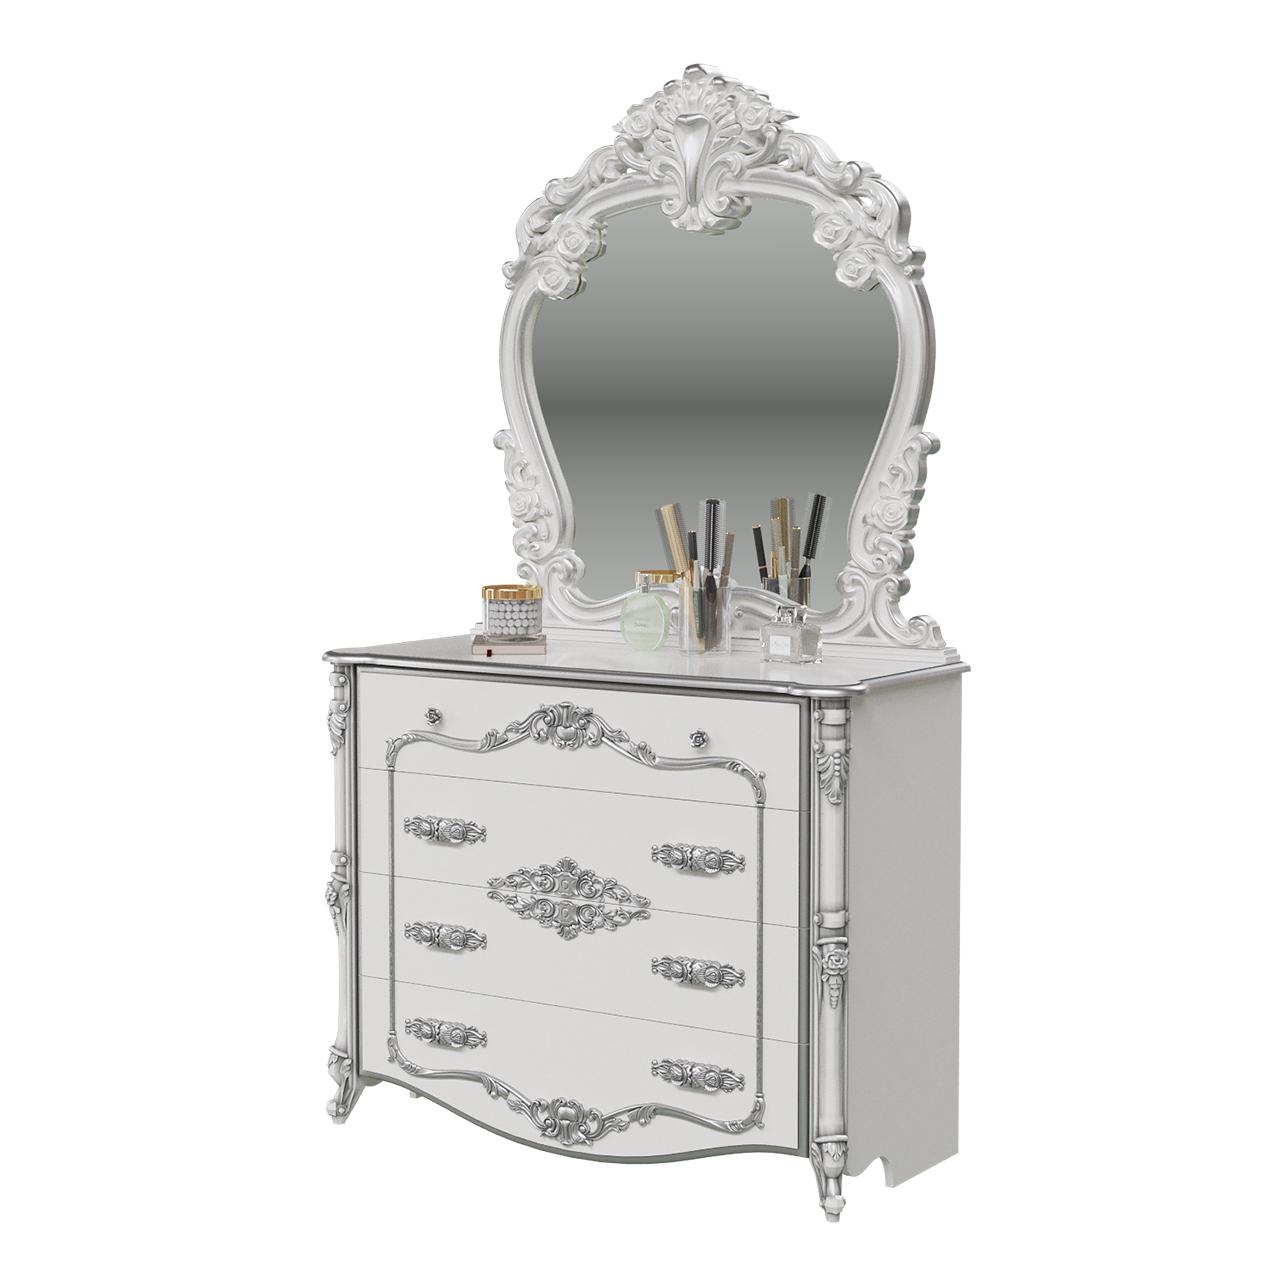 Комод Мэри-Мебель Дольче Вита СДВ-02+СДВ-06 120х53х209 см, белый глянец/серебристый